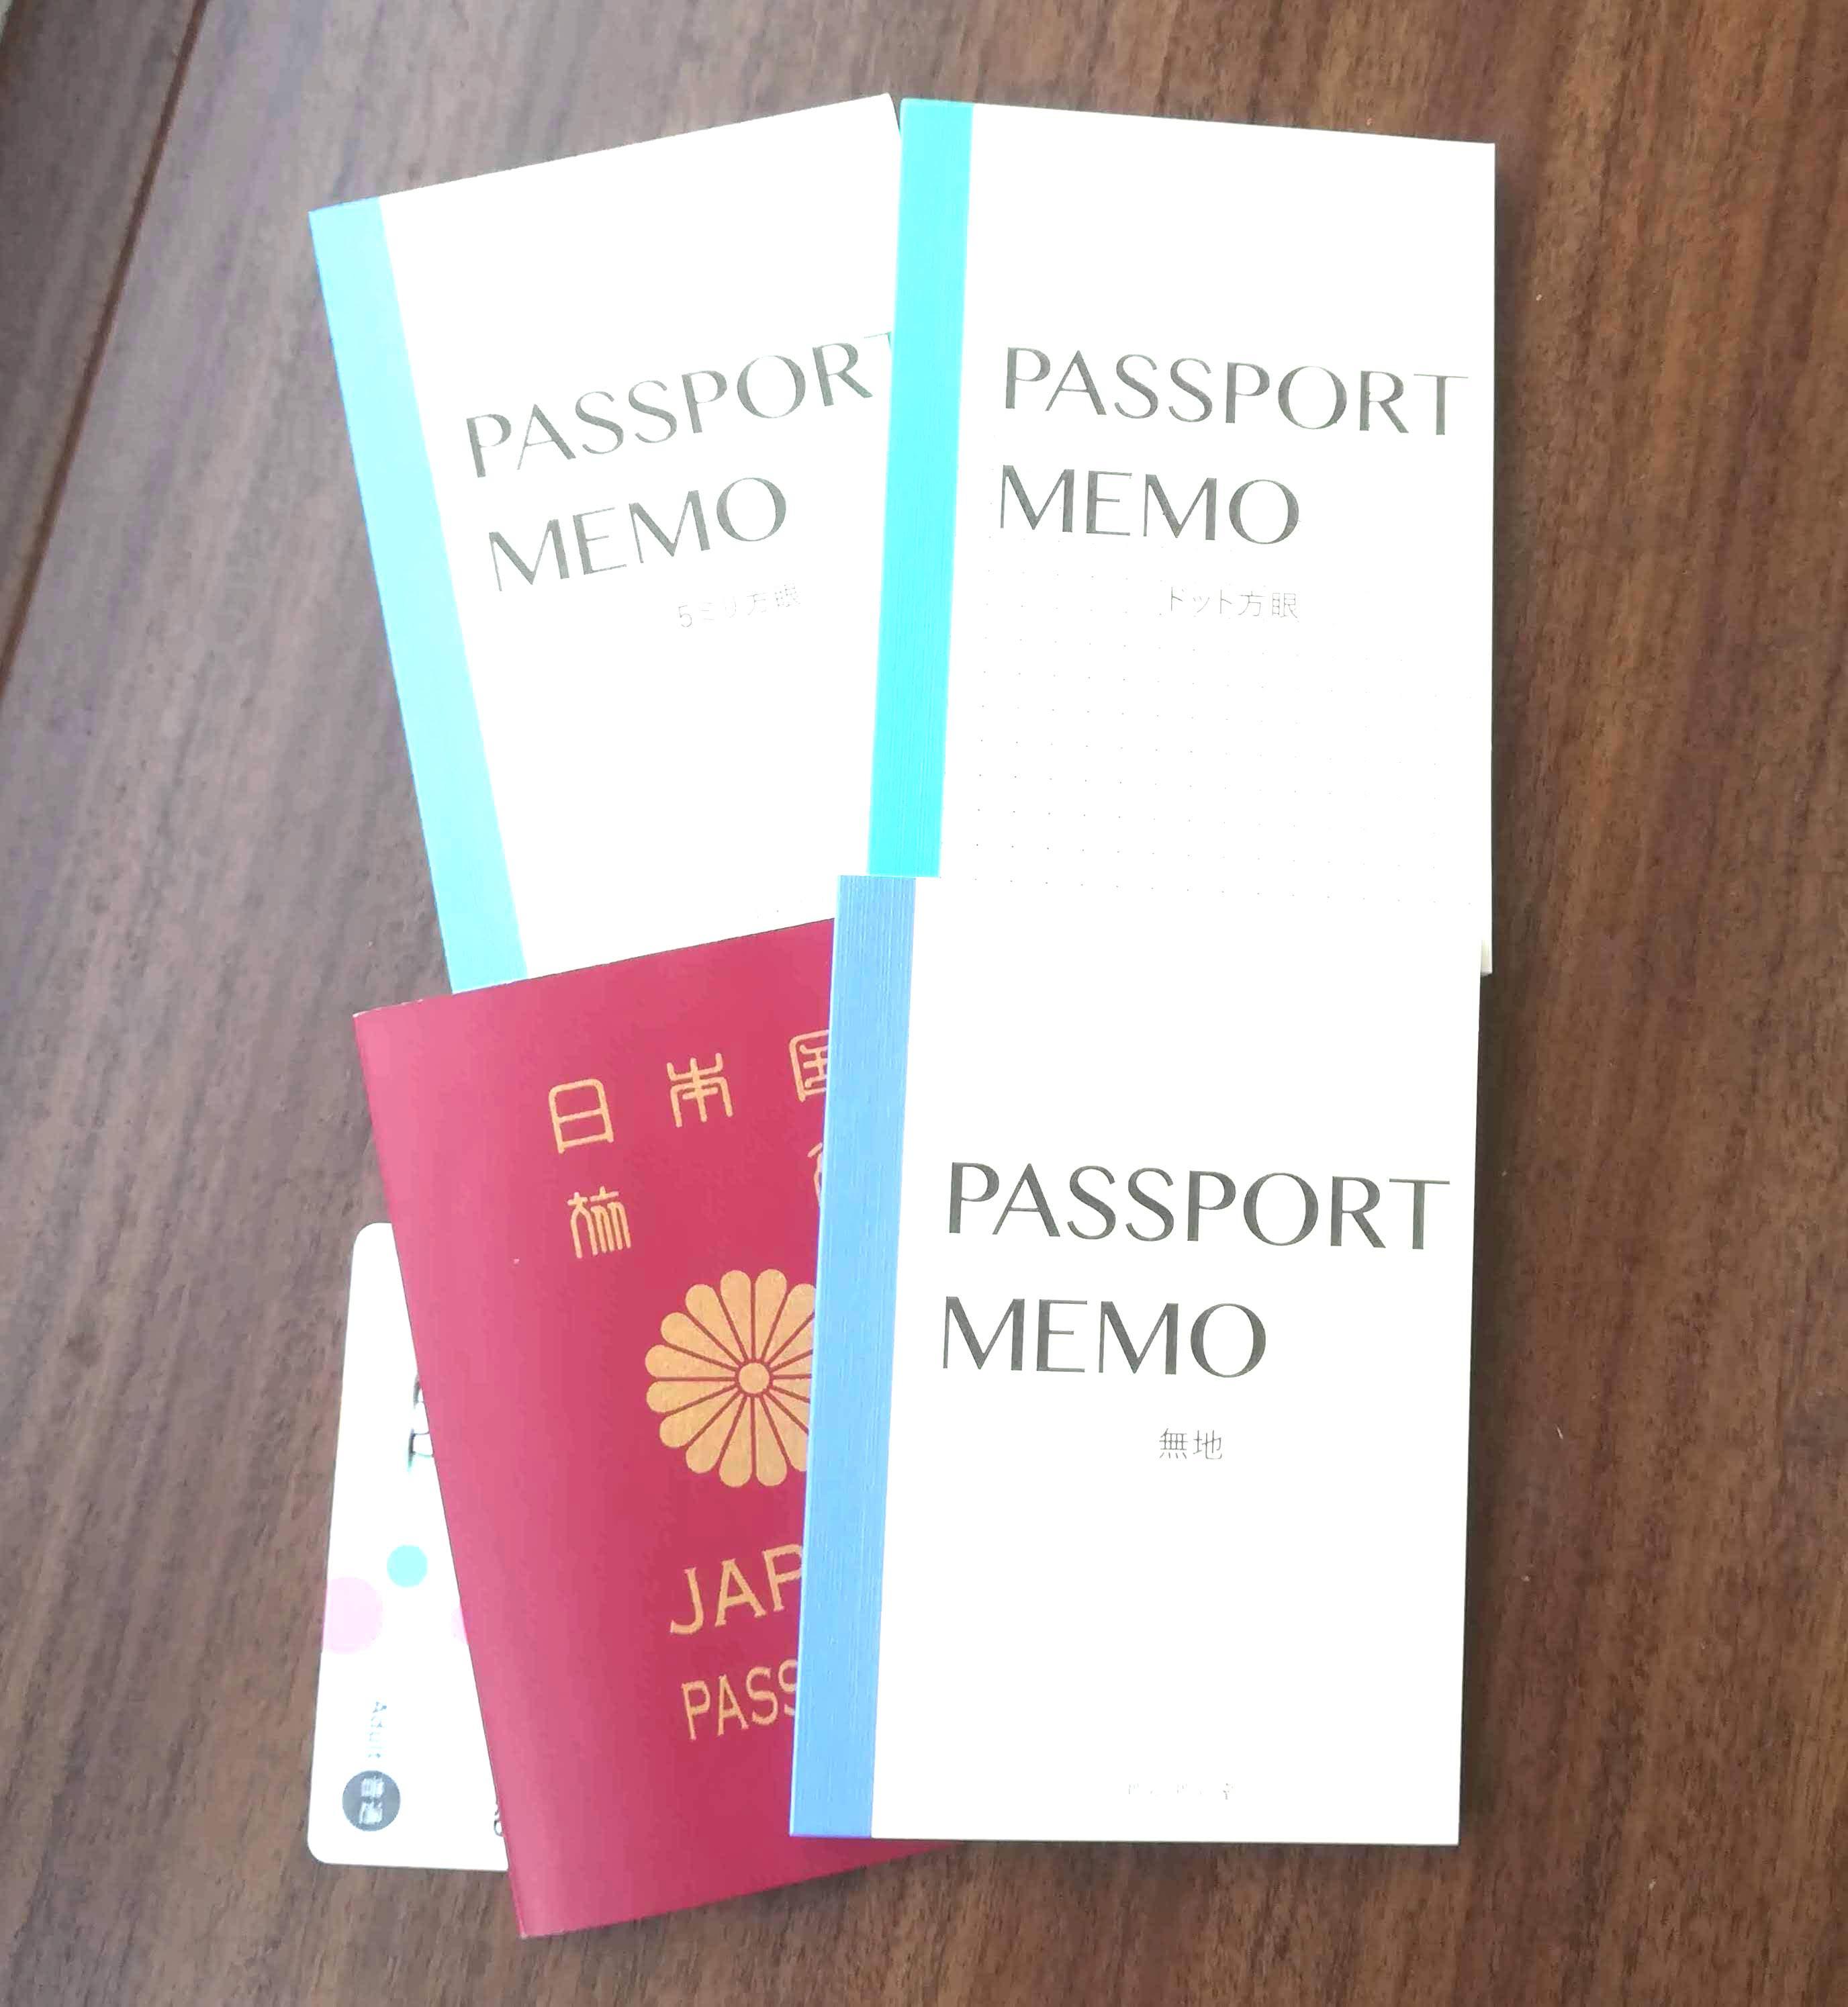 【アマゾン期間限定】競馬新聞で作ったパスポートメモ3冊セットおまけ付き販売開始。